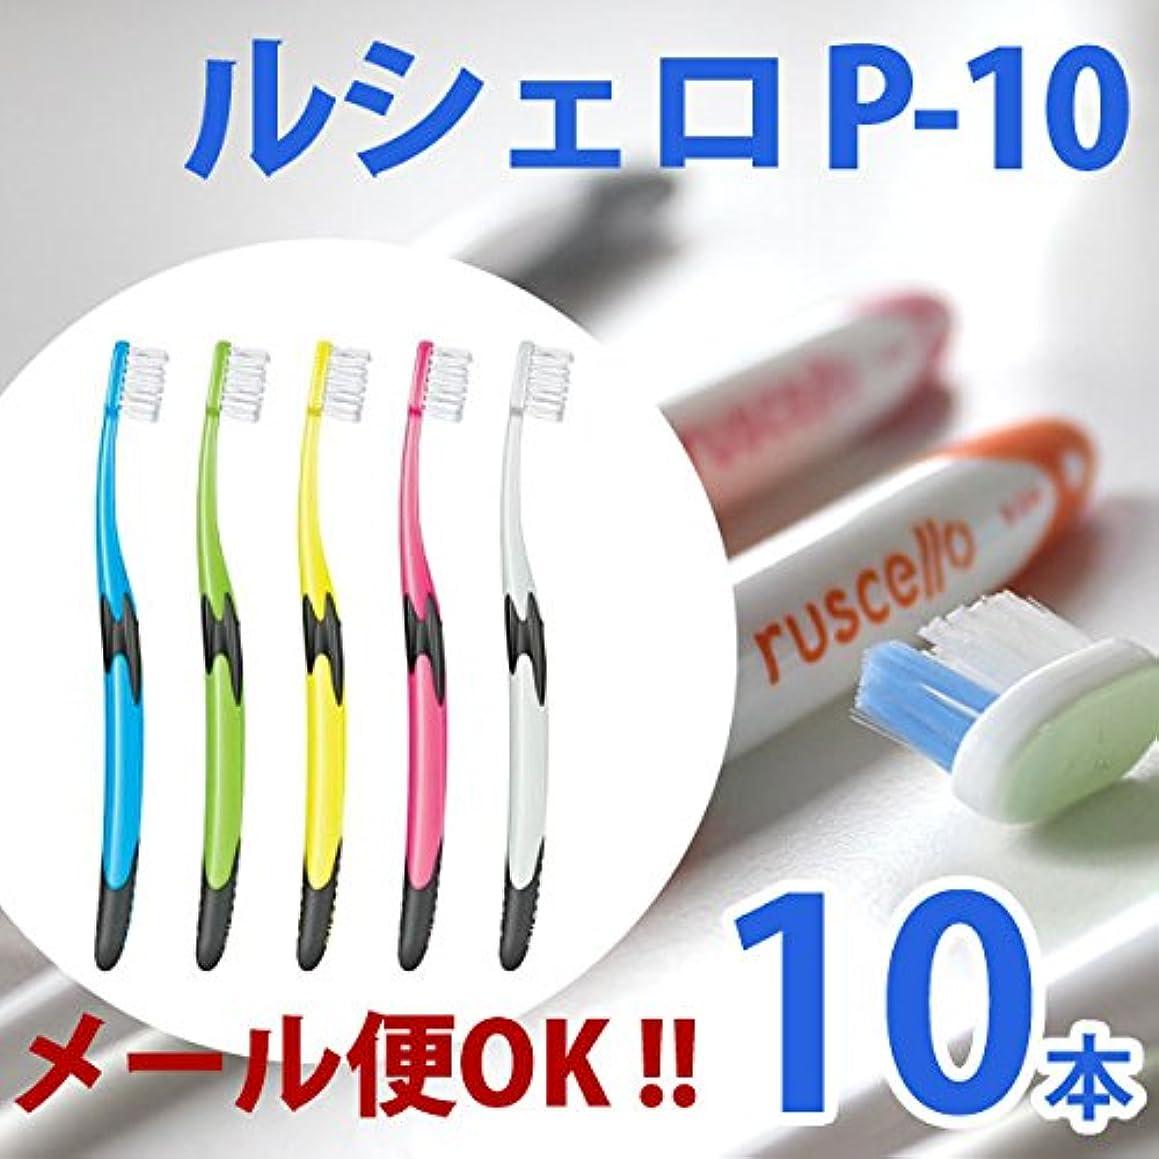 アダルト本当のことを言うと速いルシェロ GCシェロ 歯ブラシP-10 5色アソート 10本セット 歯周疾患の方向け。極細のテーパー毛が S